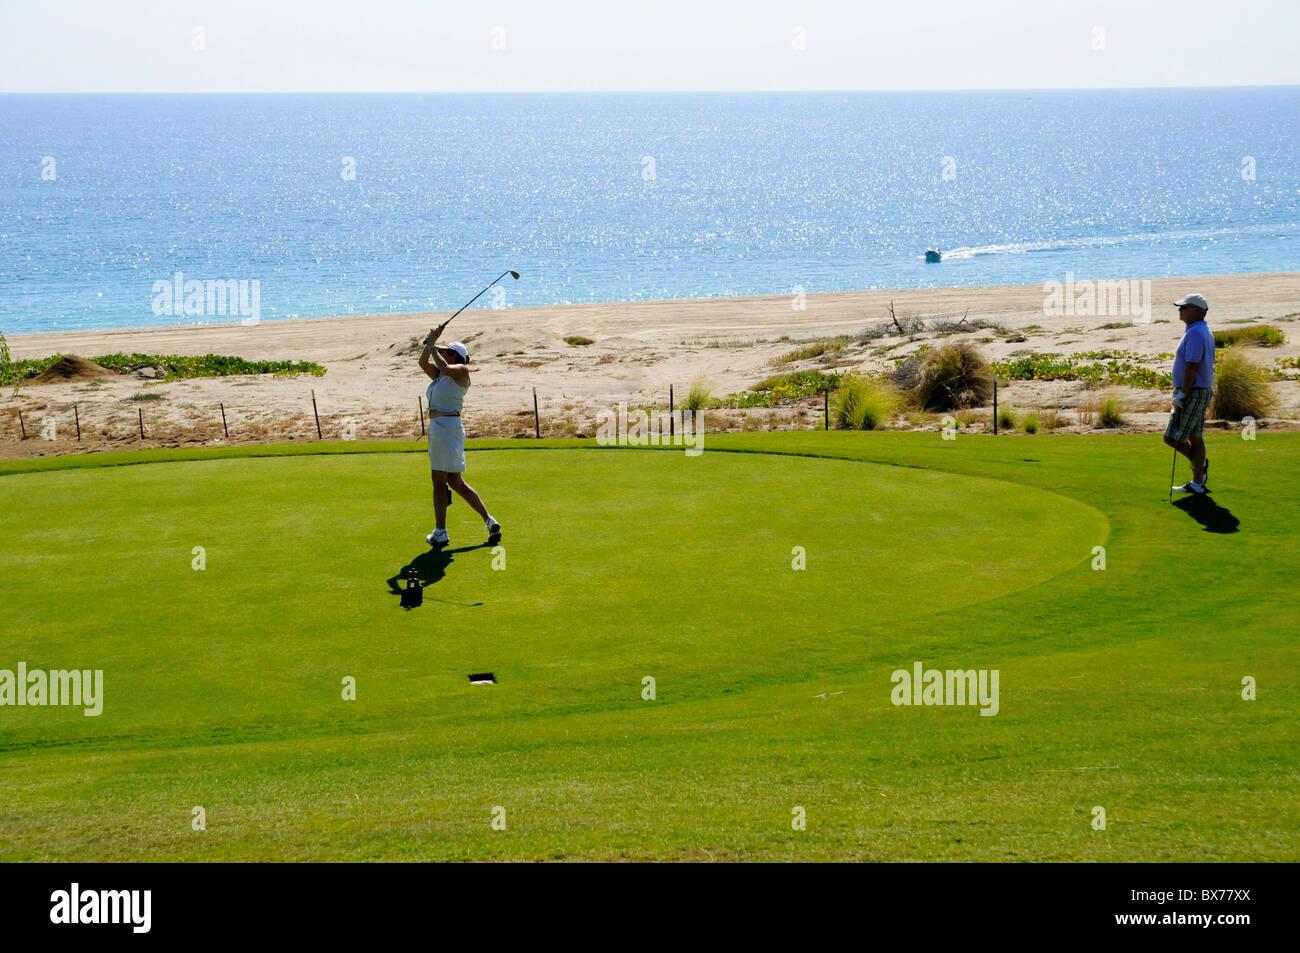 Giovane Giocando A Golf Lungo Loceano Pacifico A Puerto Los Cabo